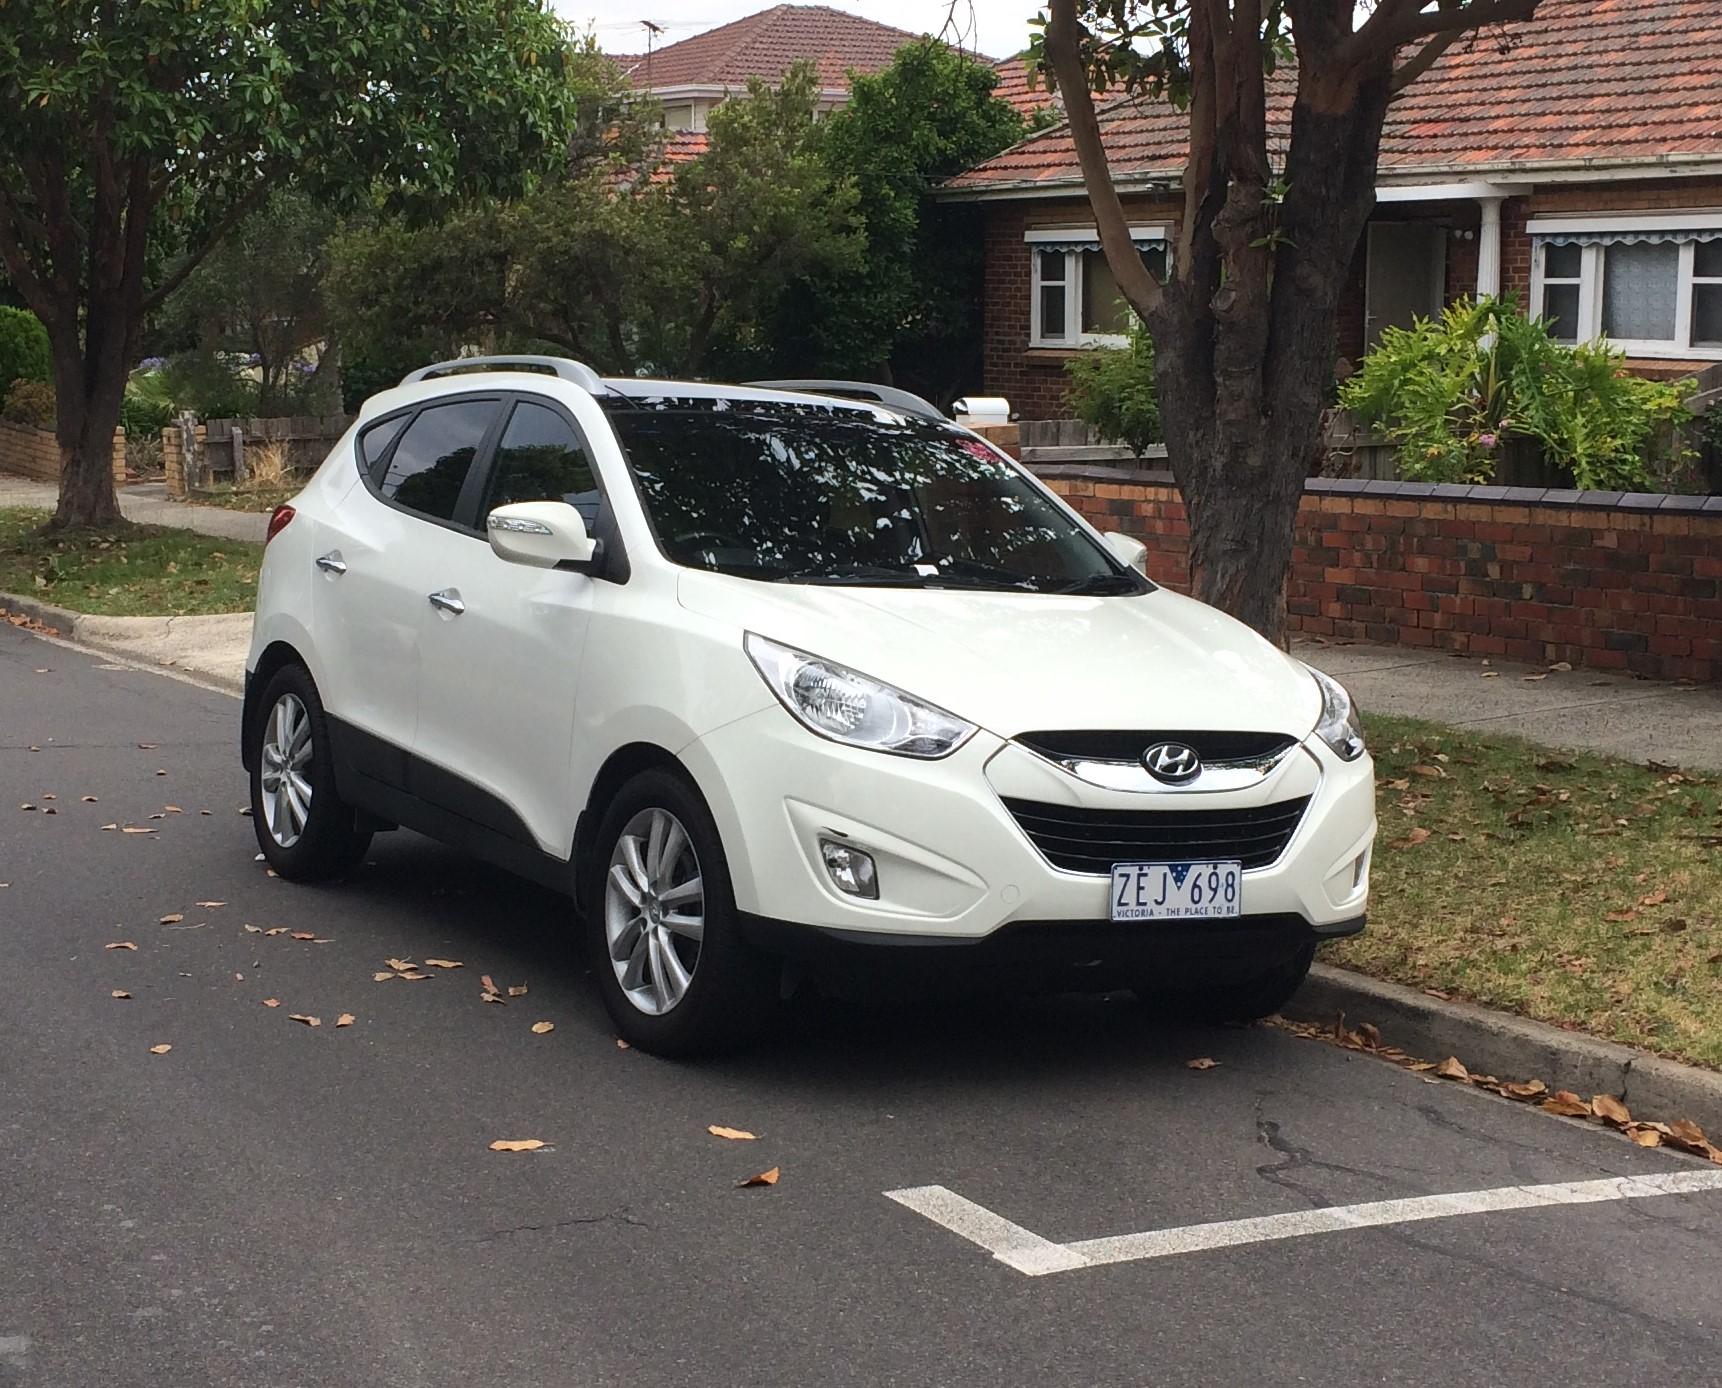 Picture of Kimberley's 2012 Hyundai iX35